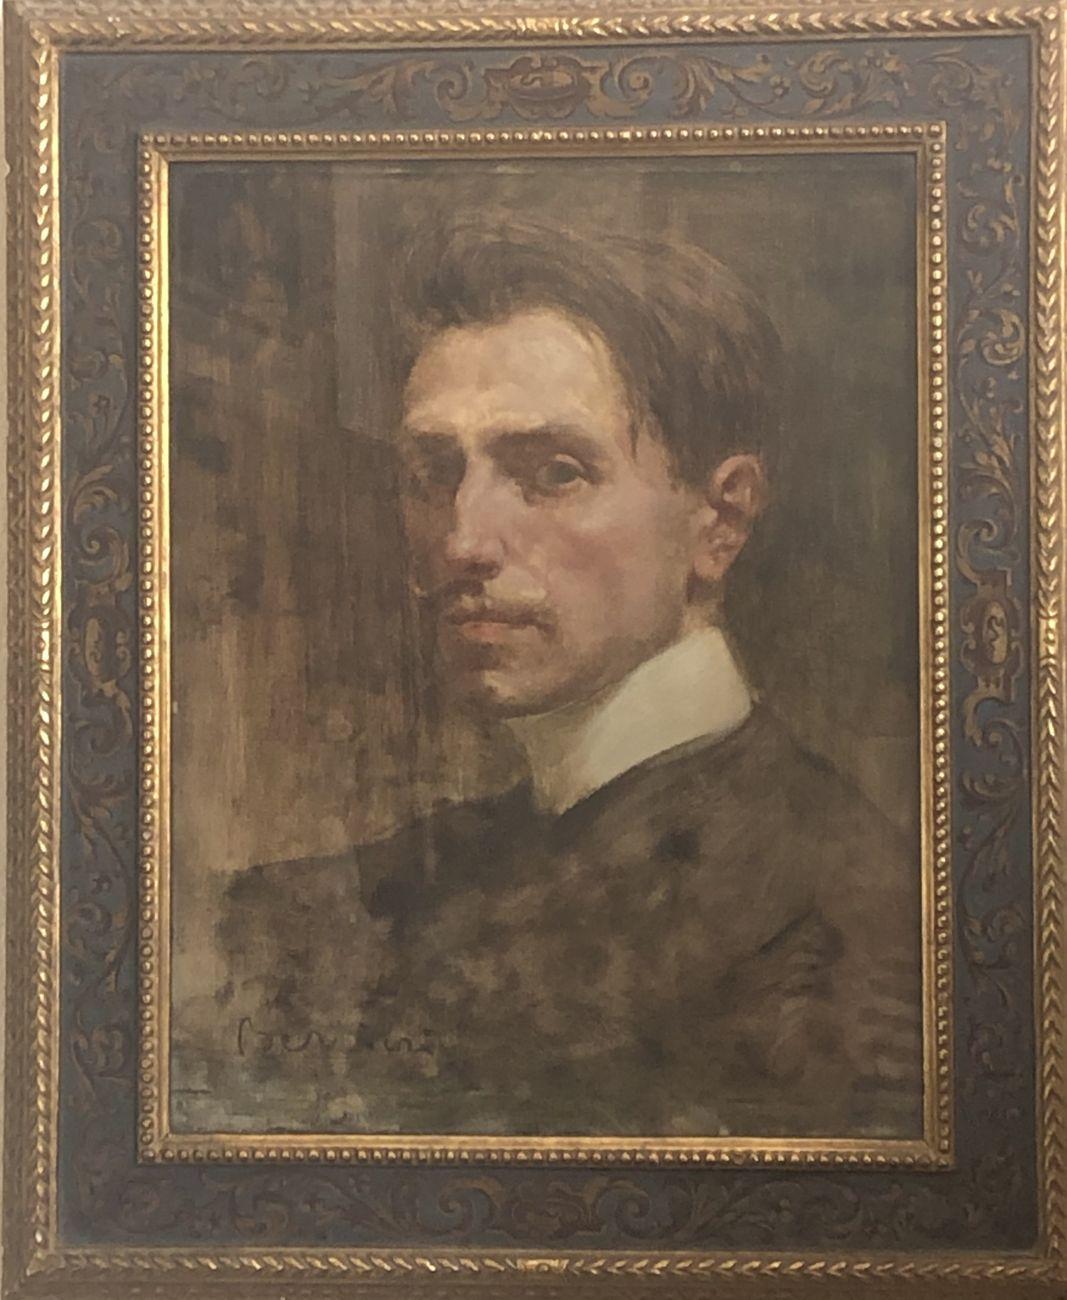 Pilade Bertieri, Autoritratto, 1901, olio su tela, cm 35x45. Courtesy Beatrice Burati Anderson